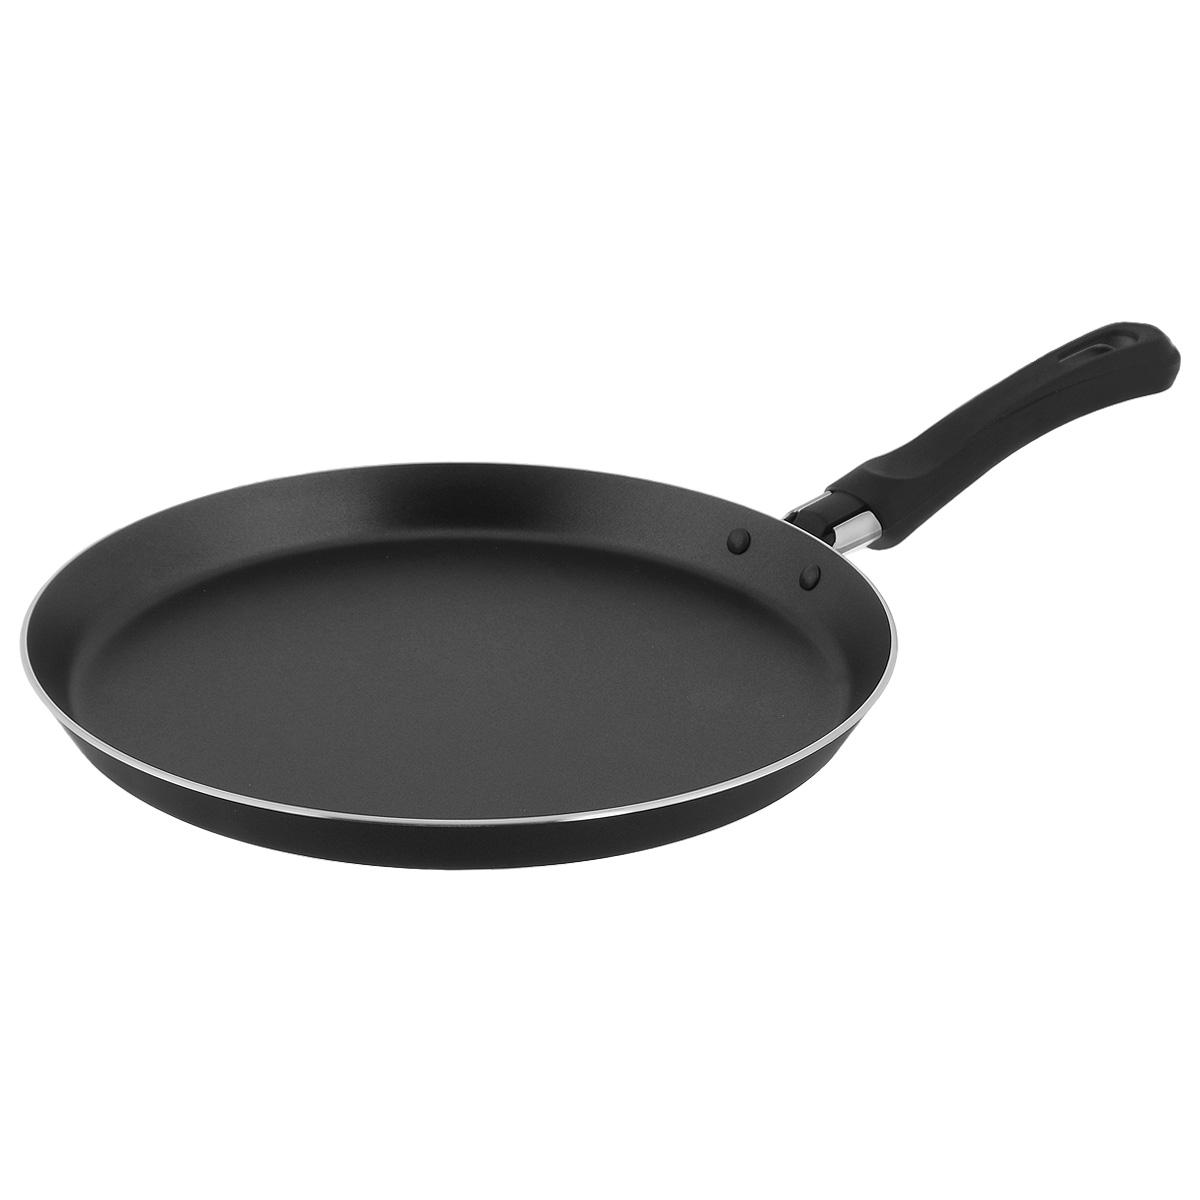 """Блинная сковорода TVS """"Basilico"""" изготовлена из алюминия с внешним покрытием черного цвета и обладает превосходной теплопроводностью. Толстое дно обеспечивает равномерное прогревание по всей поверхности. Идеально подходит для приготовления блинчиков и оладий. Внутреннее антипригарное покрытие IperTEK позволяет готовить пищу практически без использования масла.   Эргономичная ручка, изготовленная из бакелита, не нагревается и не позволит обжечь руки.  Блинная сковорода TVS """"Basilico"""" изготовлена из экологичных материалов, что делает ее пригодной для приготовления пищи детям.    Подходит для всех видов плит, кроме индукционных.  Можно мыть в посудомоечной машине.      Серия """"Basilico"""" отличается качественным антипригарным покрытием и изысканным дизайном в итальянском стиле. Черный цвет  выглядит необычно и очень стильно.   Компания TVS была основана в 1968 году. Основными принципами, которых придерживается компания, являются экологическая безопасность производства, использование новейших материалов и технологий, а также всесторонний учет потребностей рынка. Посуда TVS (Италия) - это превосходное решение для любой современной кухни, способное создать по-настоящему комфортные условия для приготовления пищи. Вся посуда ТМ TVS не содержит PFOA. Отсутствие PFOA делает посуду экологически безопасной.       Диаметр сковороды: 25 см.   Высота стенки: 1,5 см."""